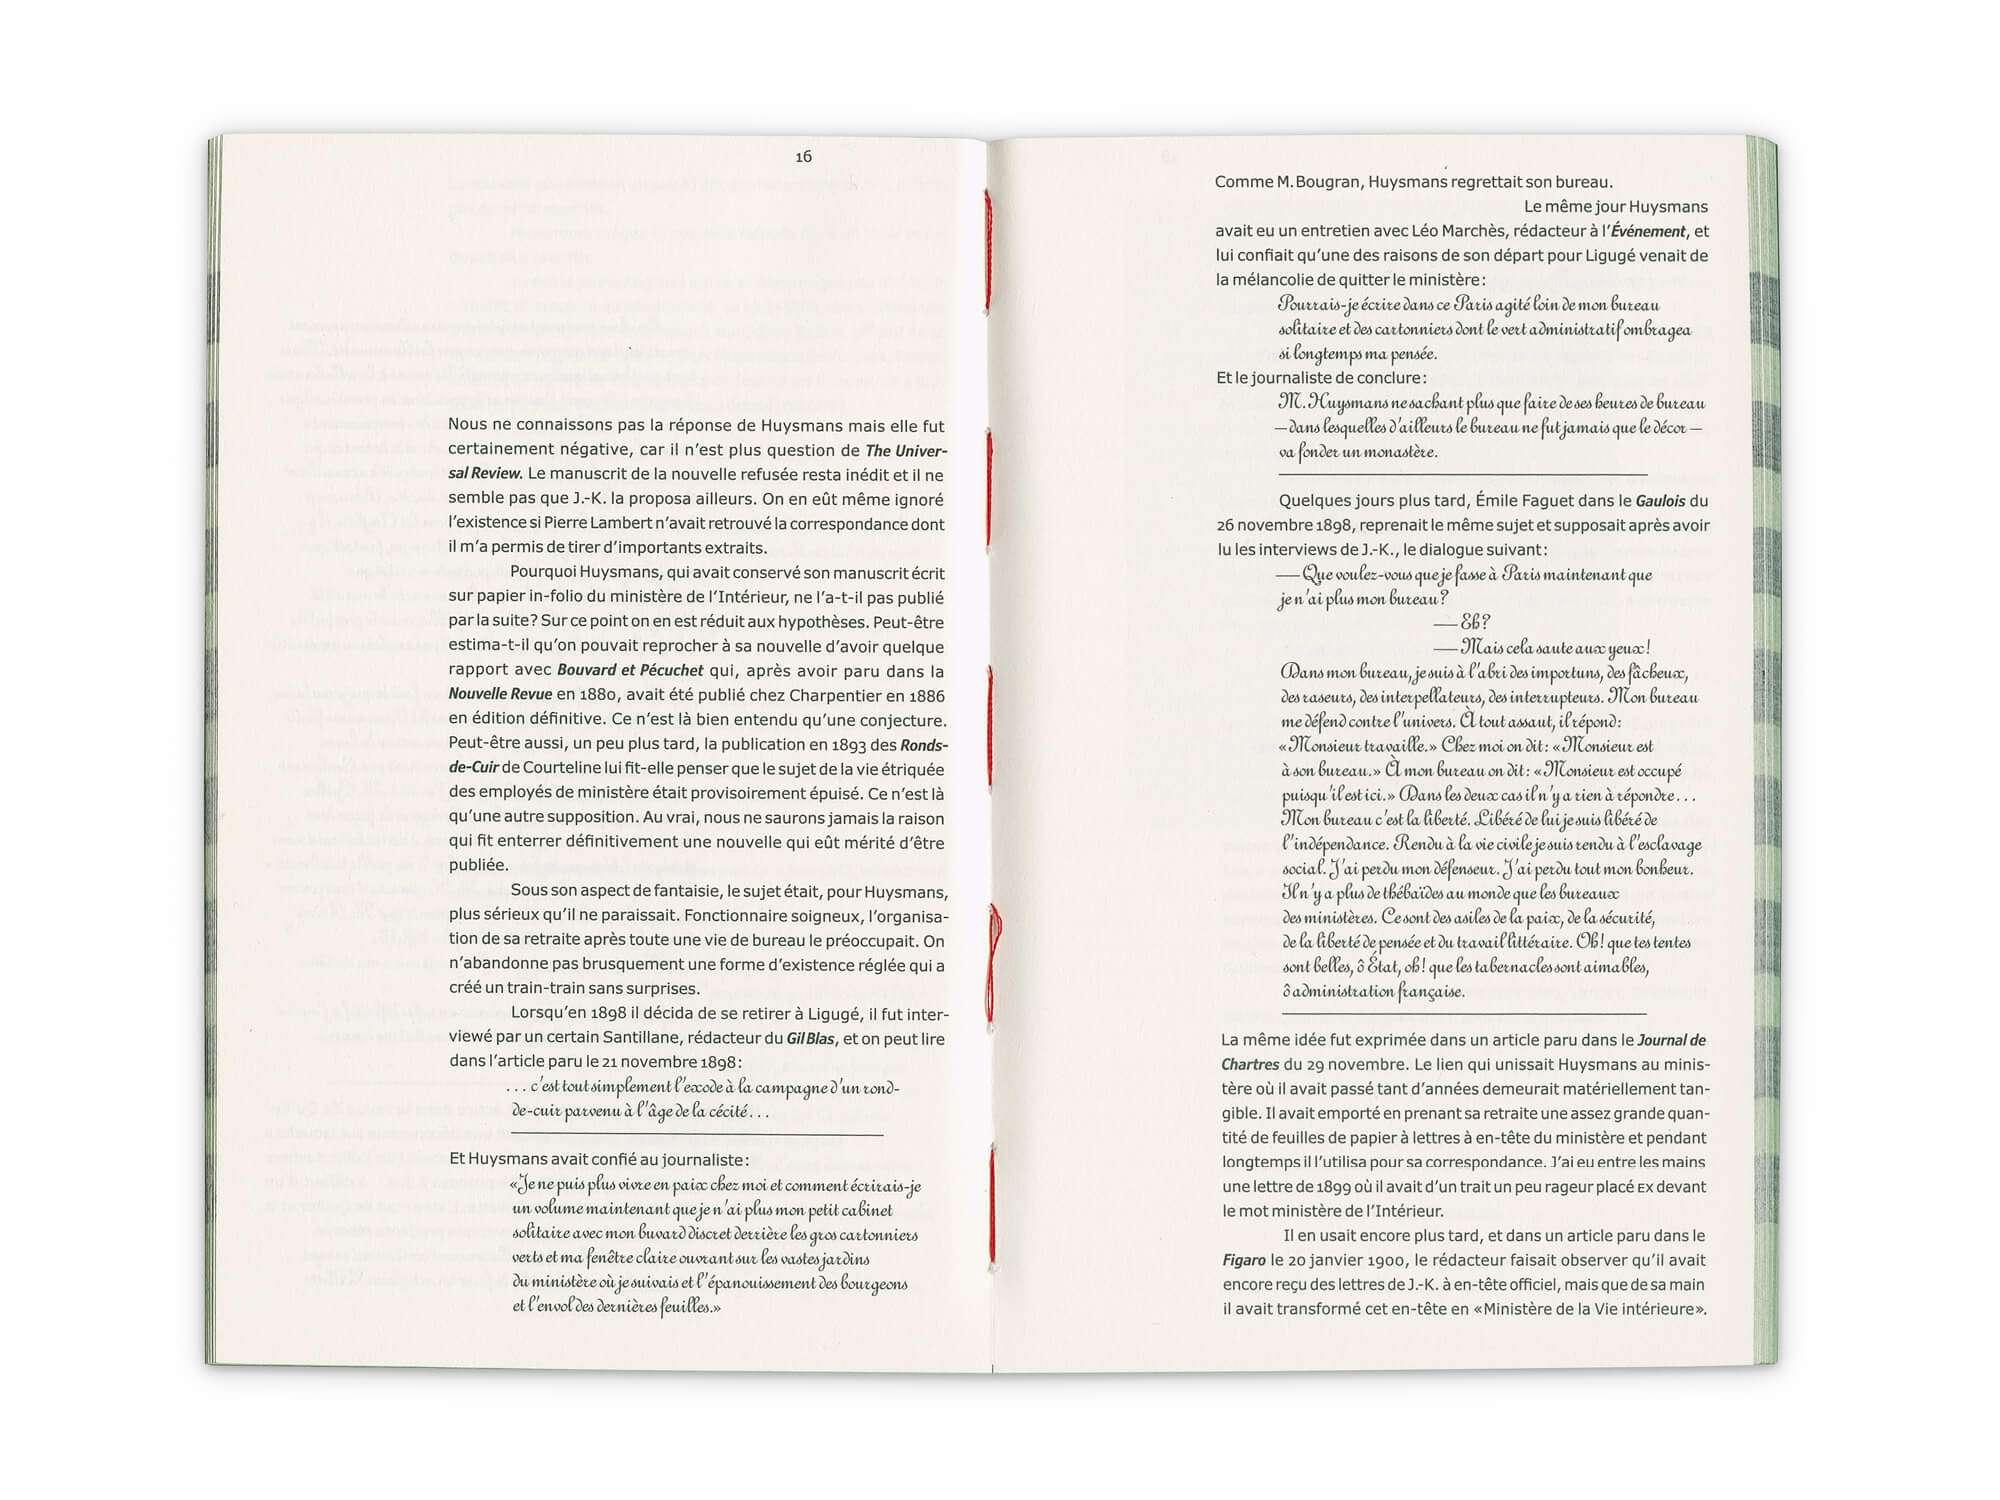 Intérieur du roman des éditions Cent Pages écrit par Joris-Karl Huysmans